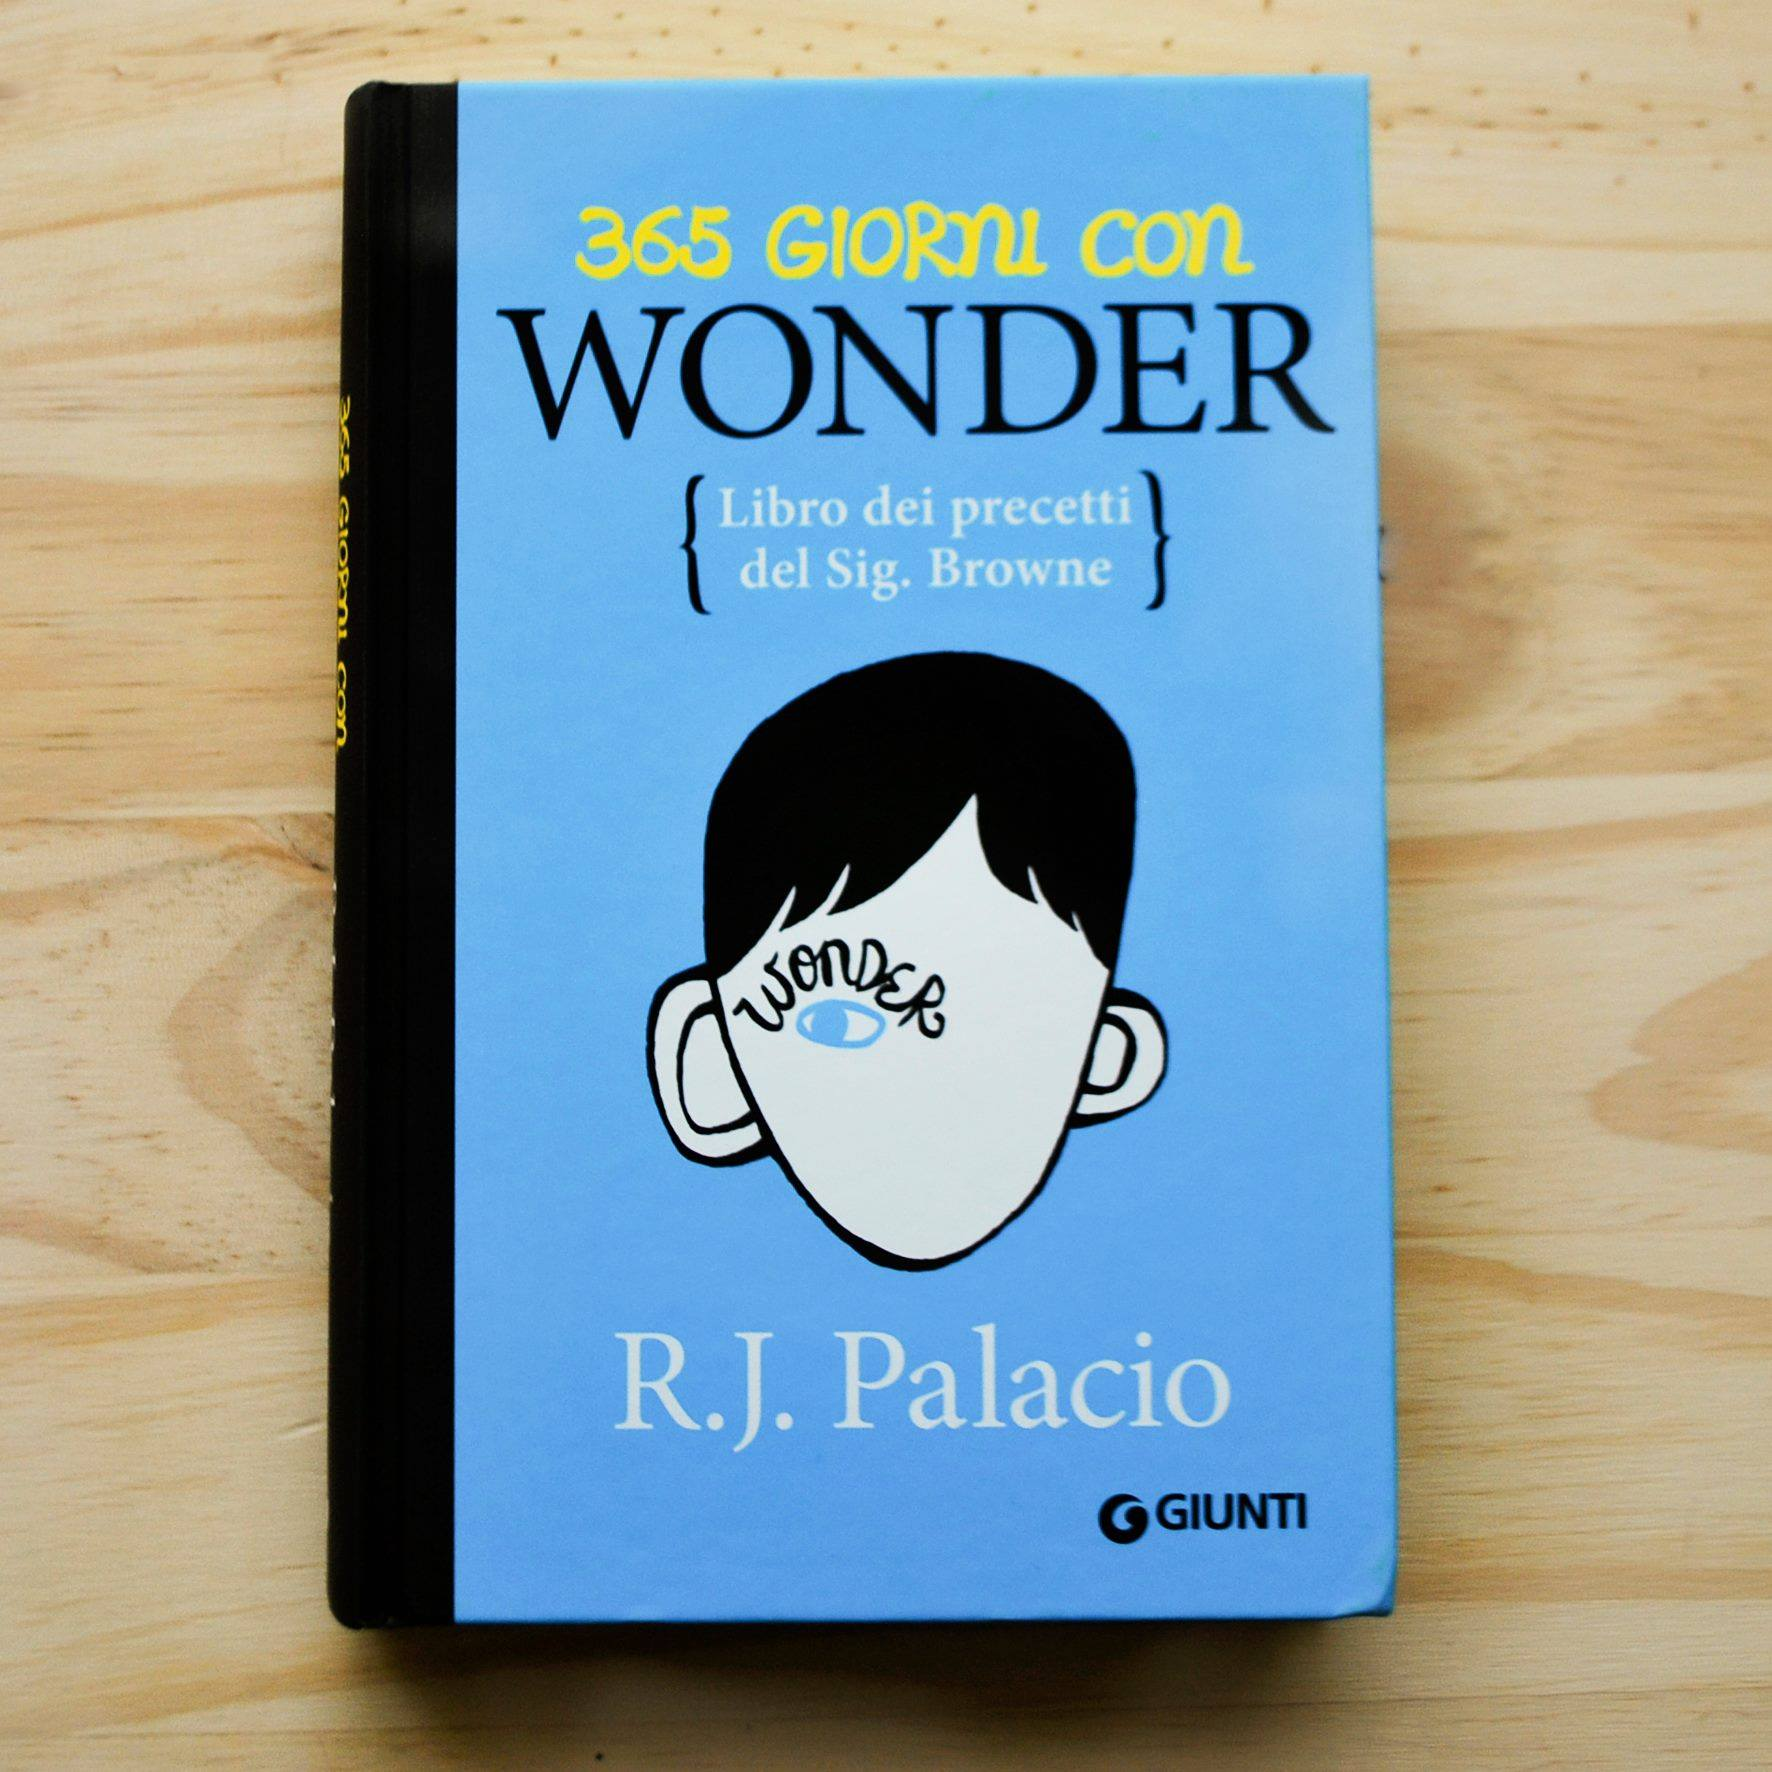 365 GIORNI CON WONDER. Libro dei precetti del Sig. Browne di R. J. Palacio, GIUNTI EDITORE